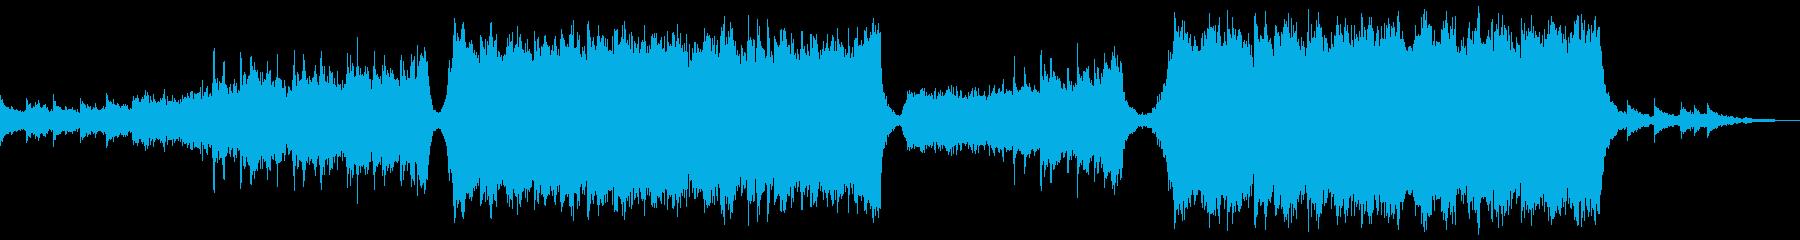 トレーラーの再生済みの波形